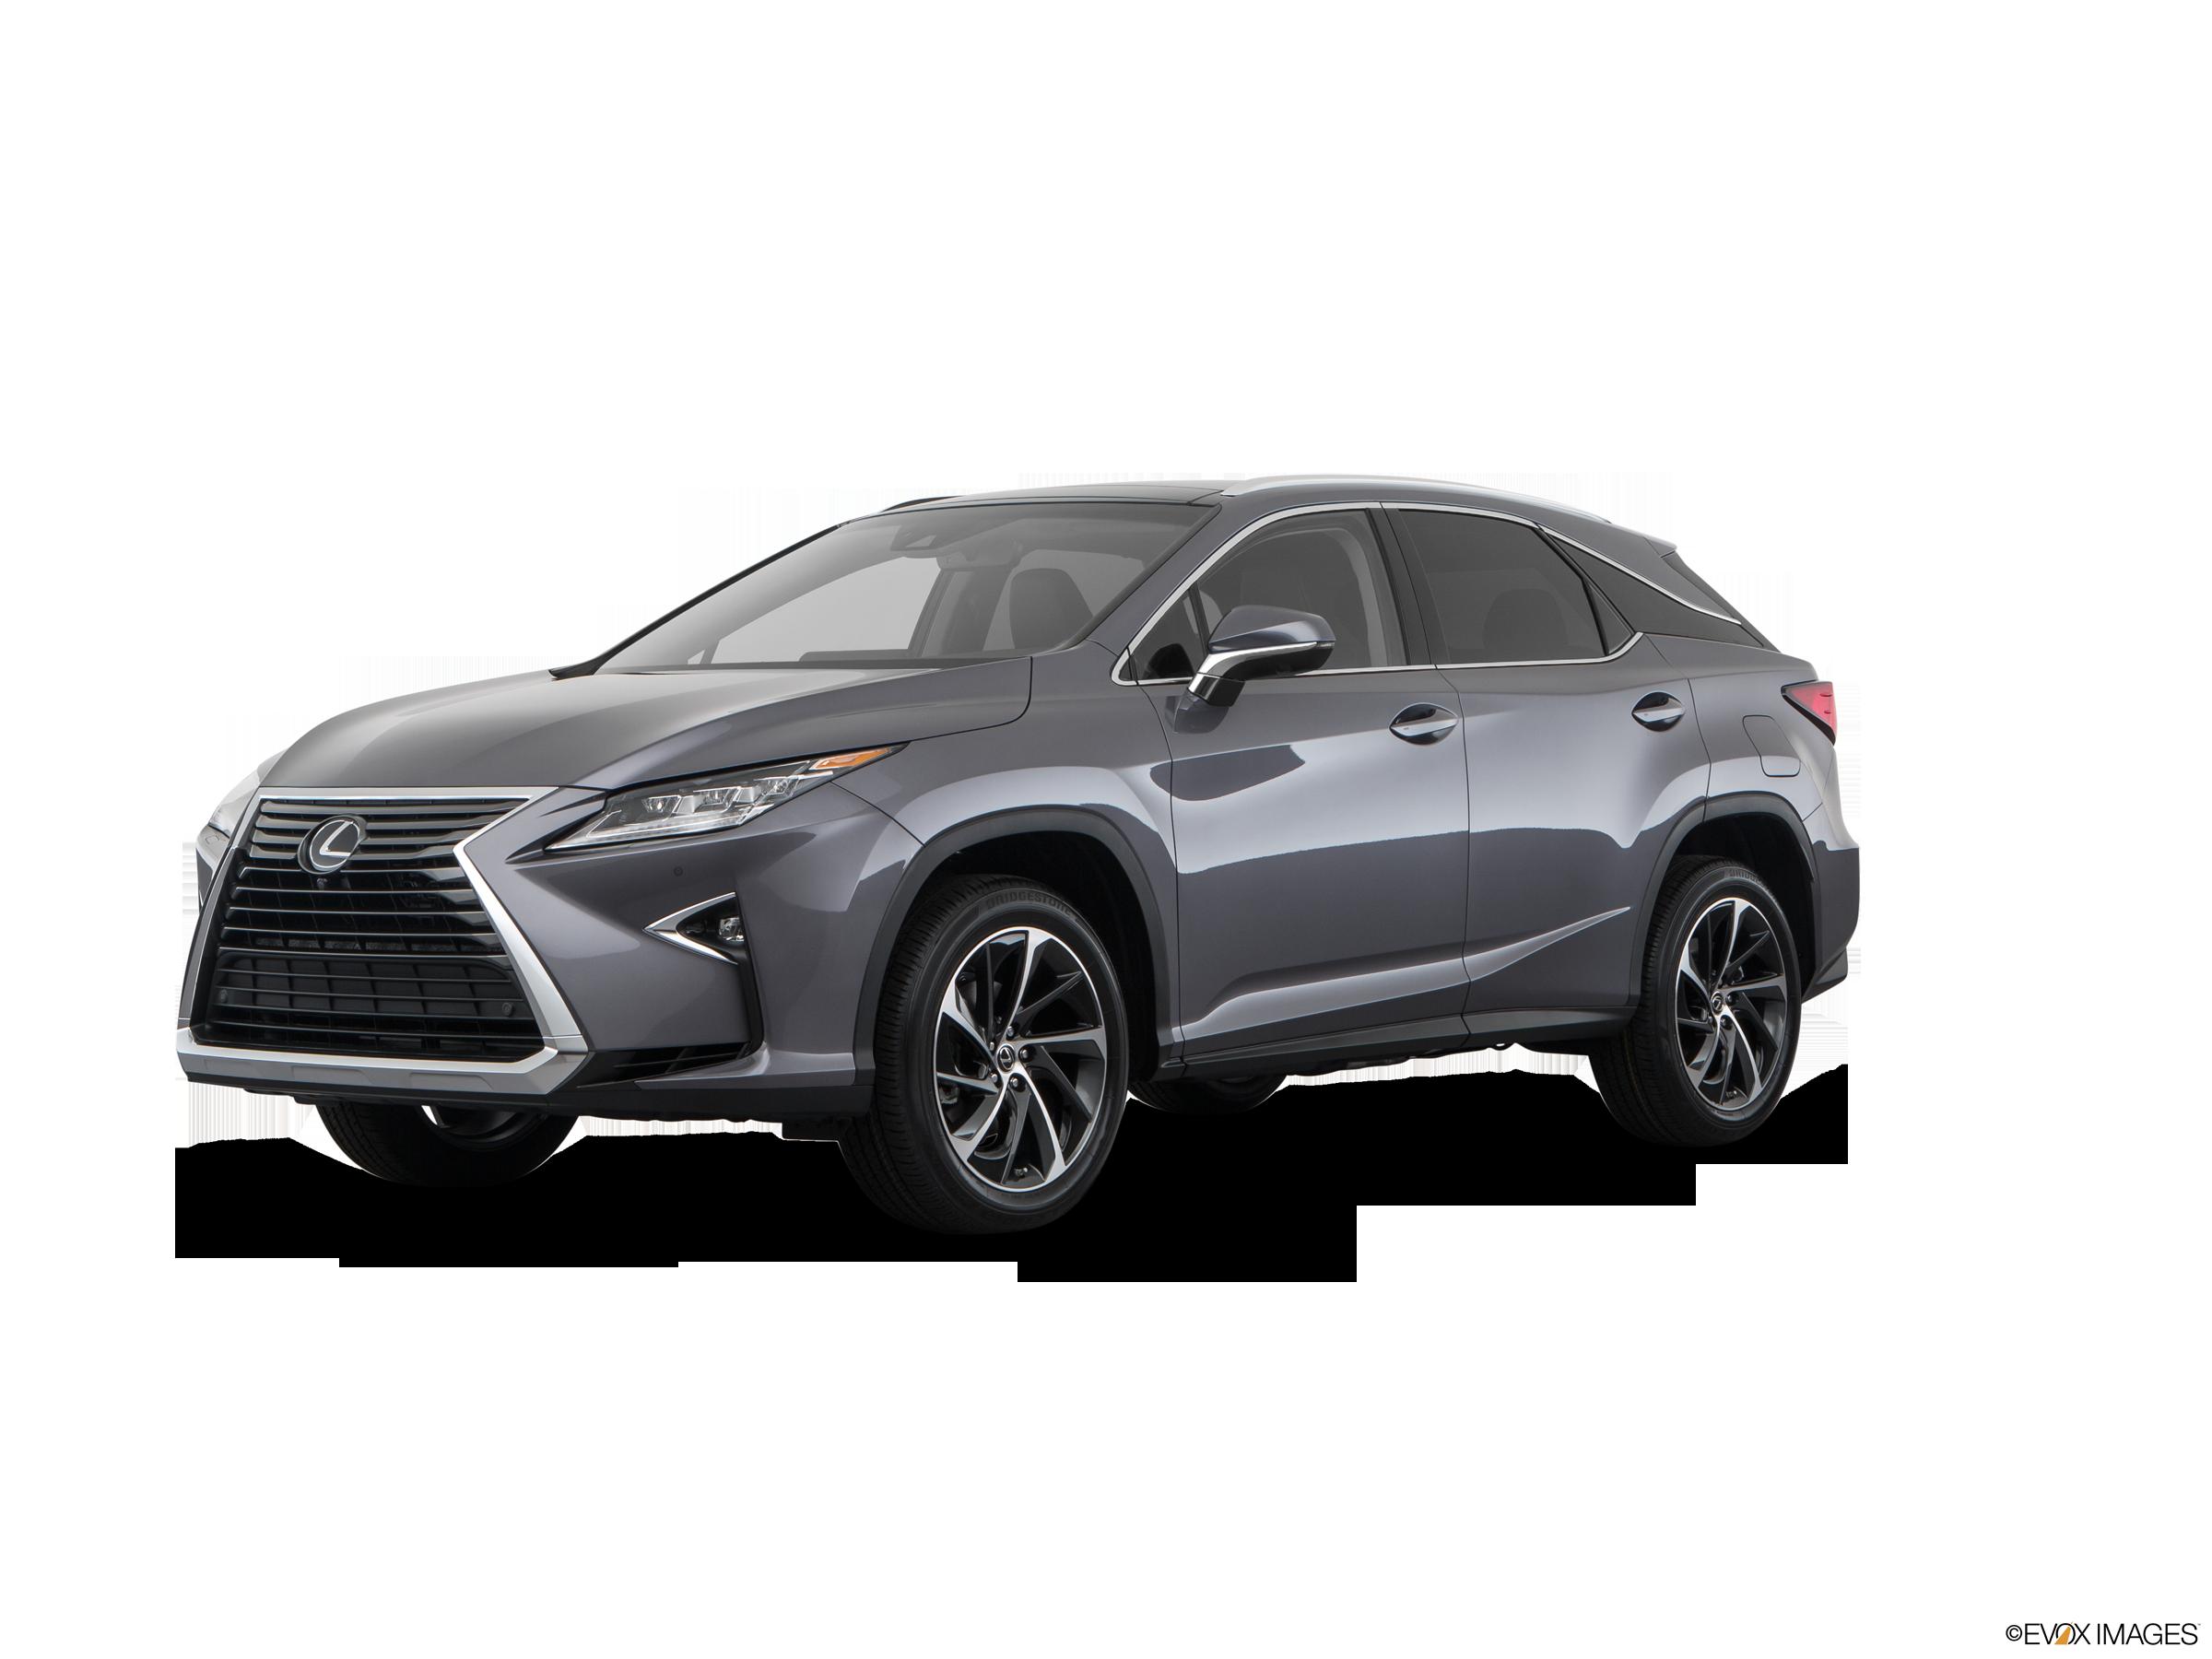 Lexus 3 Row Suv >> 2018 Lexus Rx Pricing Reviews Ratings Kelley Blue Book